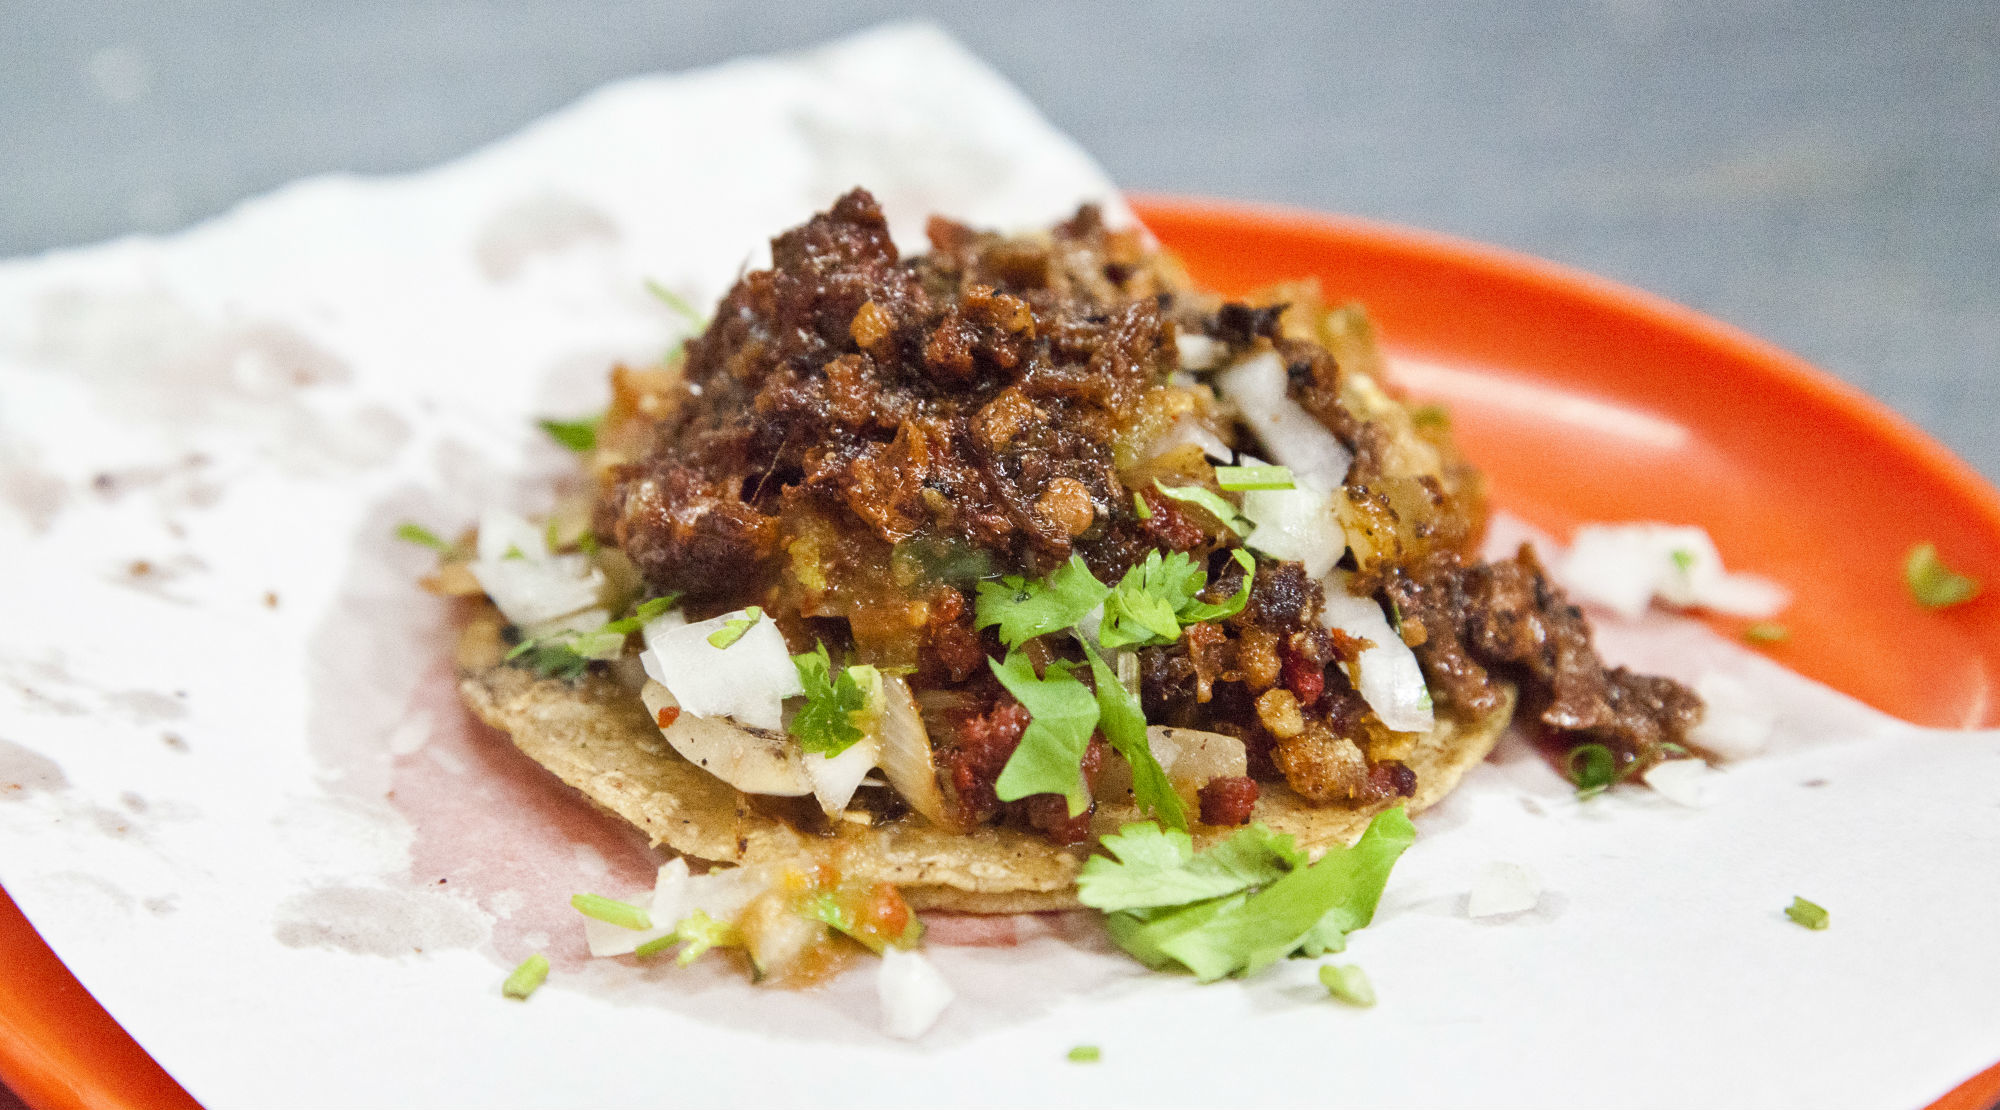 Tacos Beto